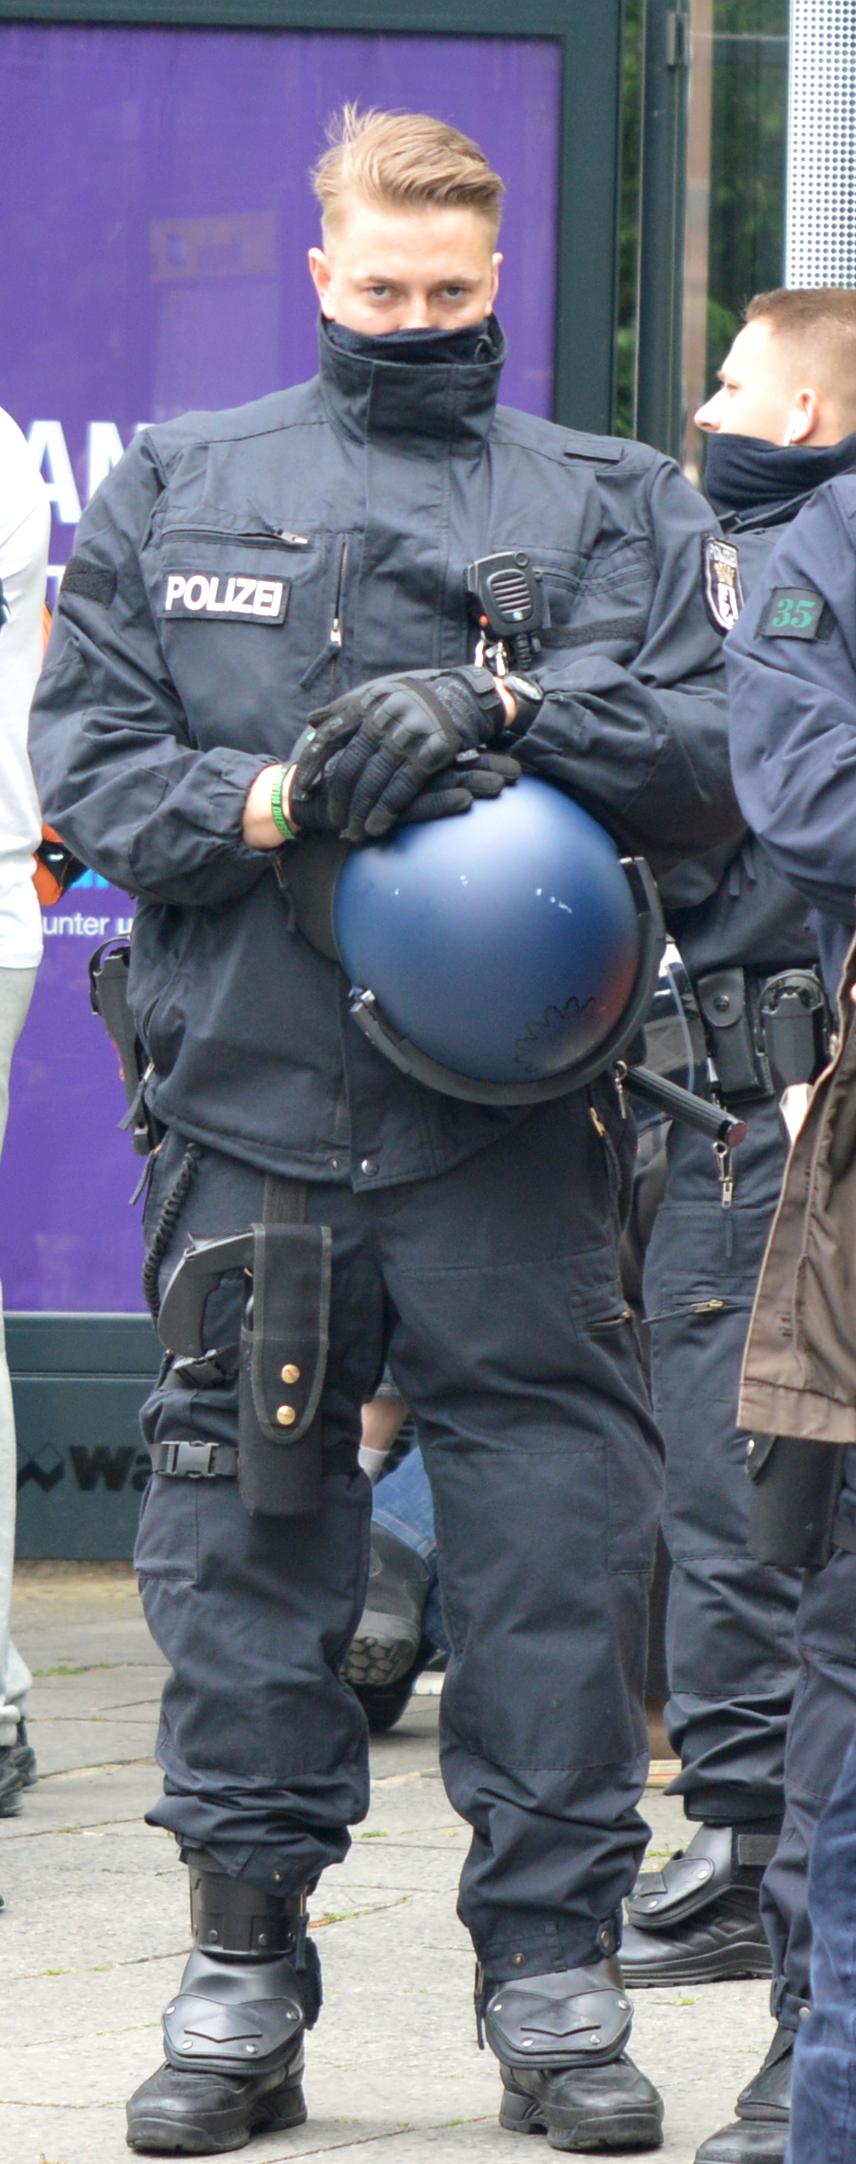 Ein Cop mit voller Einsatzmontur trägt am Bein eine Halterung für einen großen RSG 8